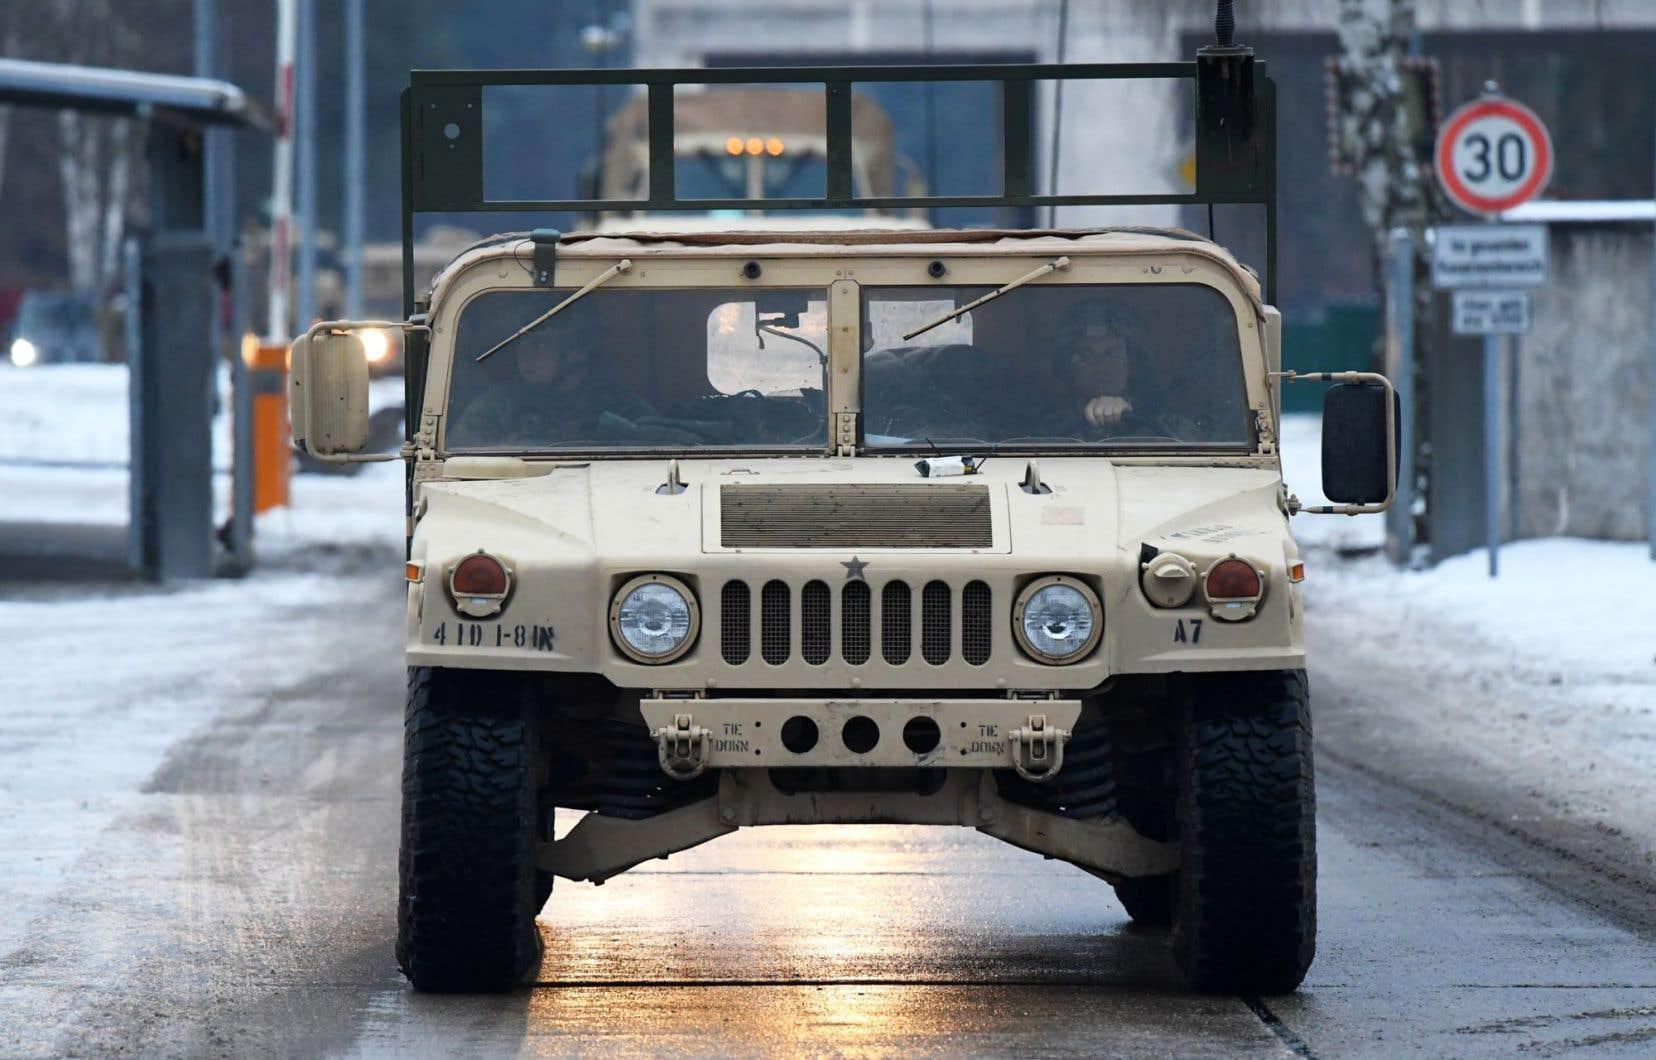 Le convoi fait partie du premier transport de soldats américains et de matériel militaire lourd, arrivé en Europe orientale dans le cadre de l'opération «Atlantic Resolve».